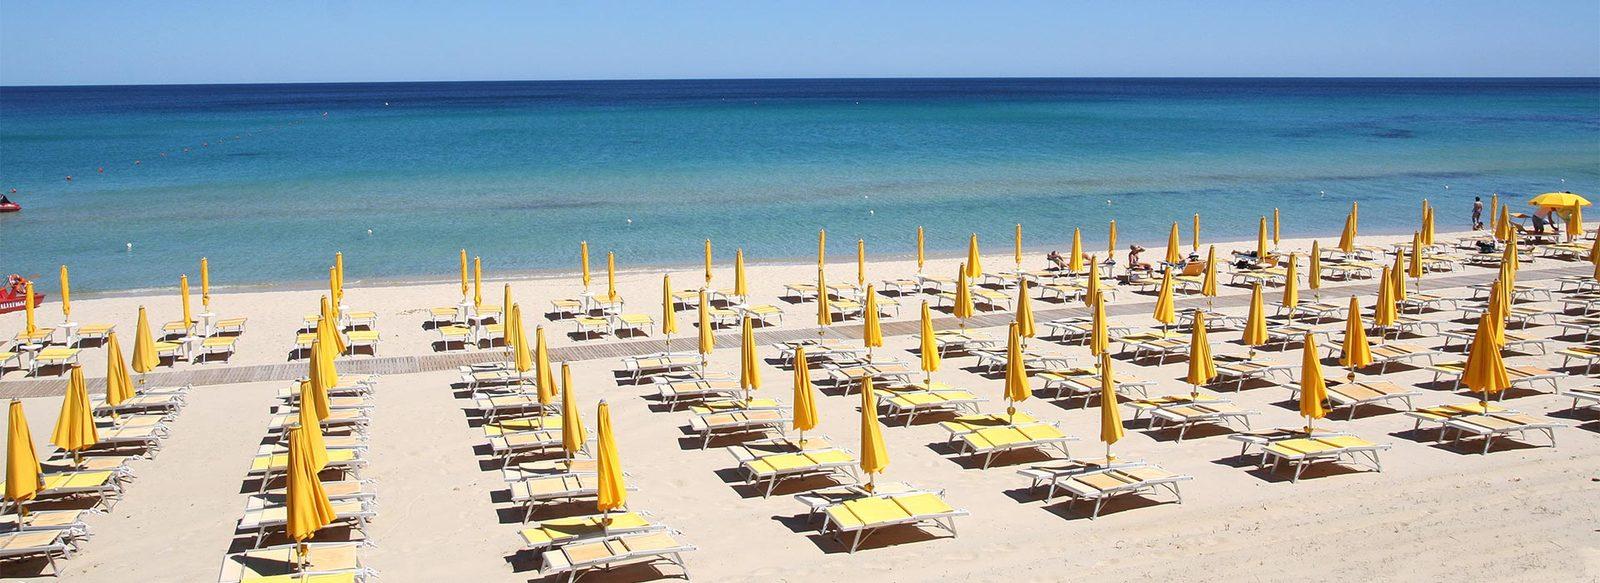 Direttamente sul mare, nella costa sud-orientale della Sardegna